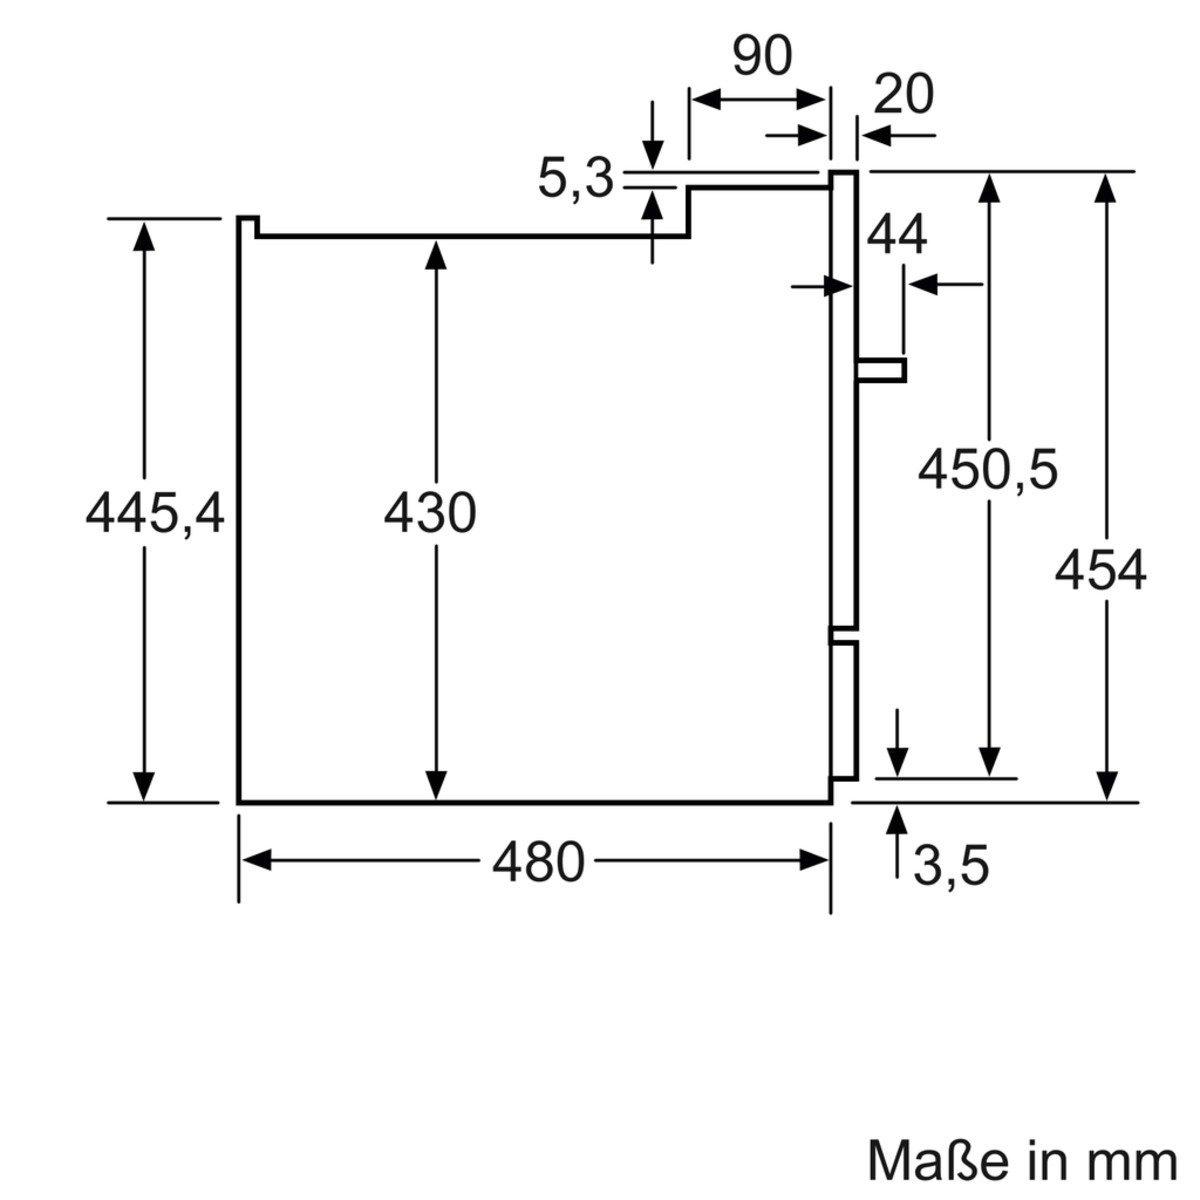 Máy rửa chén   Siemens sk25 IQ e203eu 100 speedMatic Compact - rửa bát / A + / 6 MGD / dosierassist